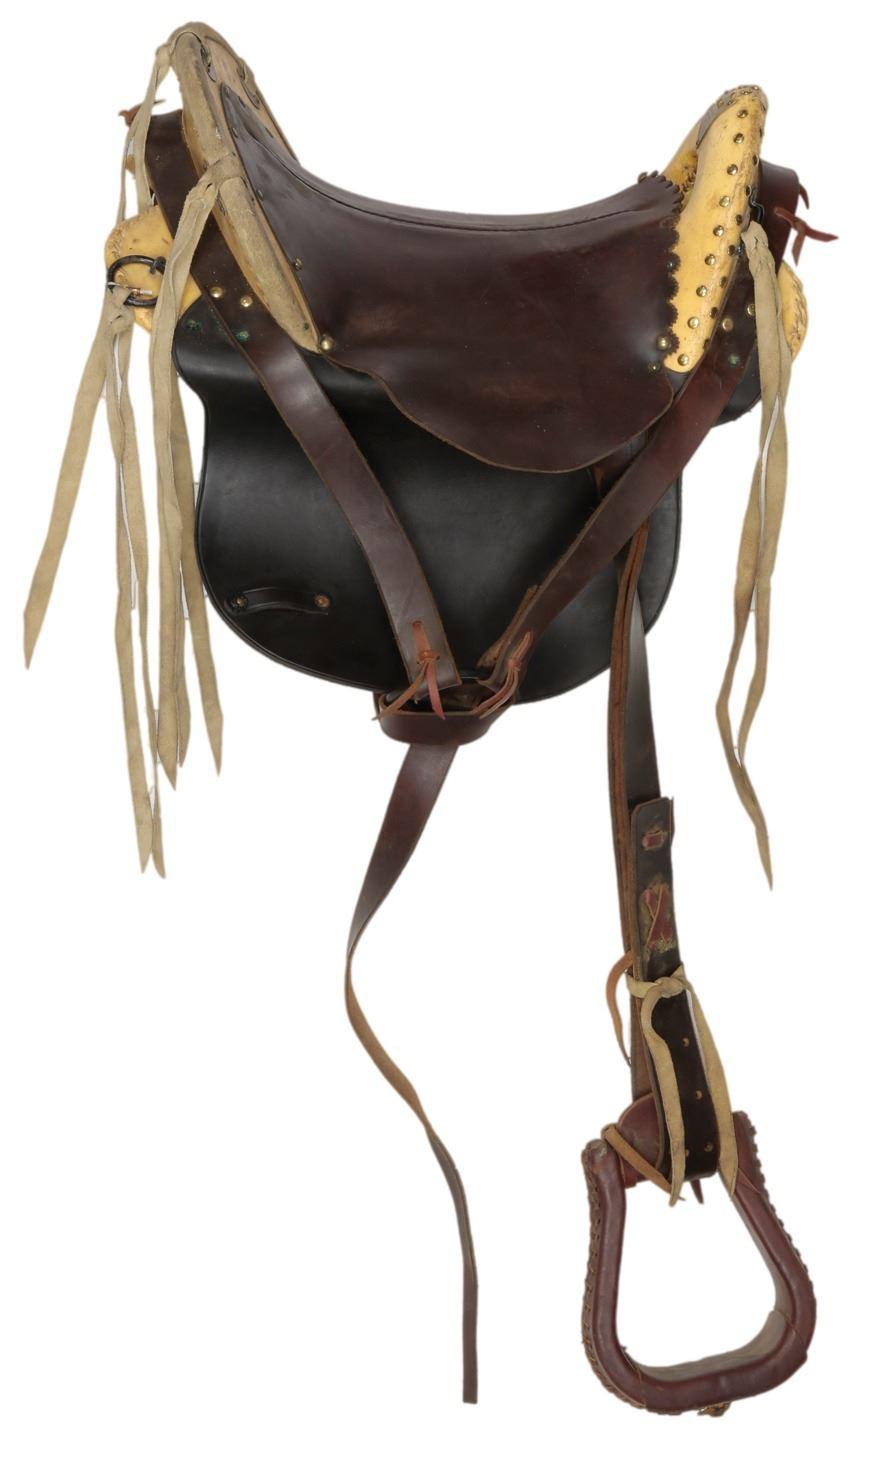 """Wes Studi """"Geronimo"""" saddle from Geronimo: An American"""